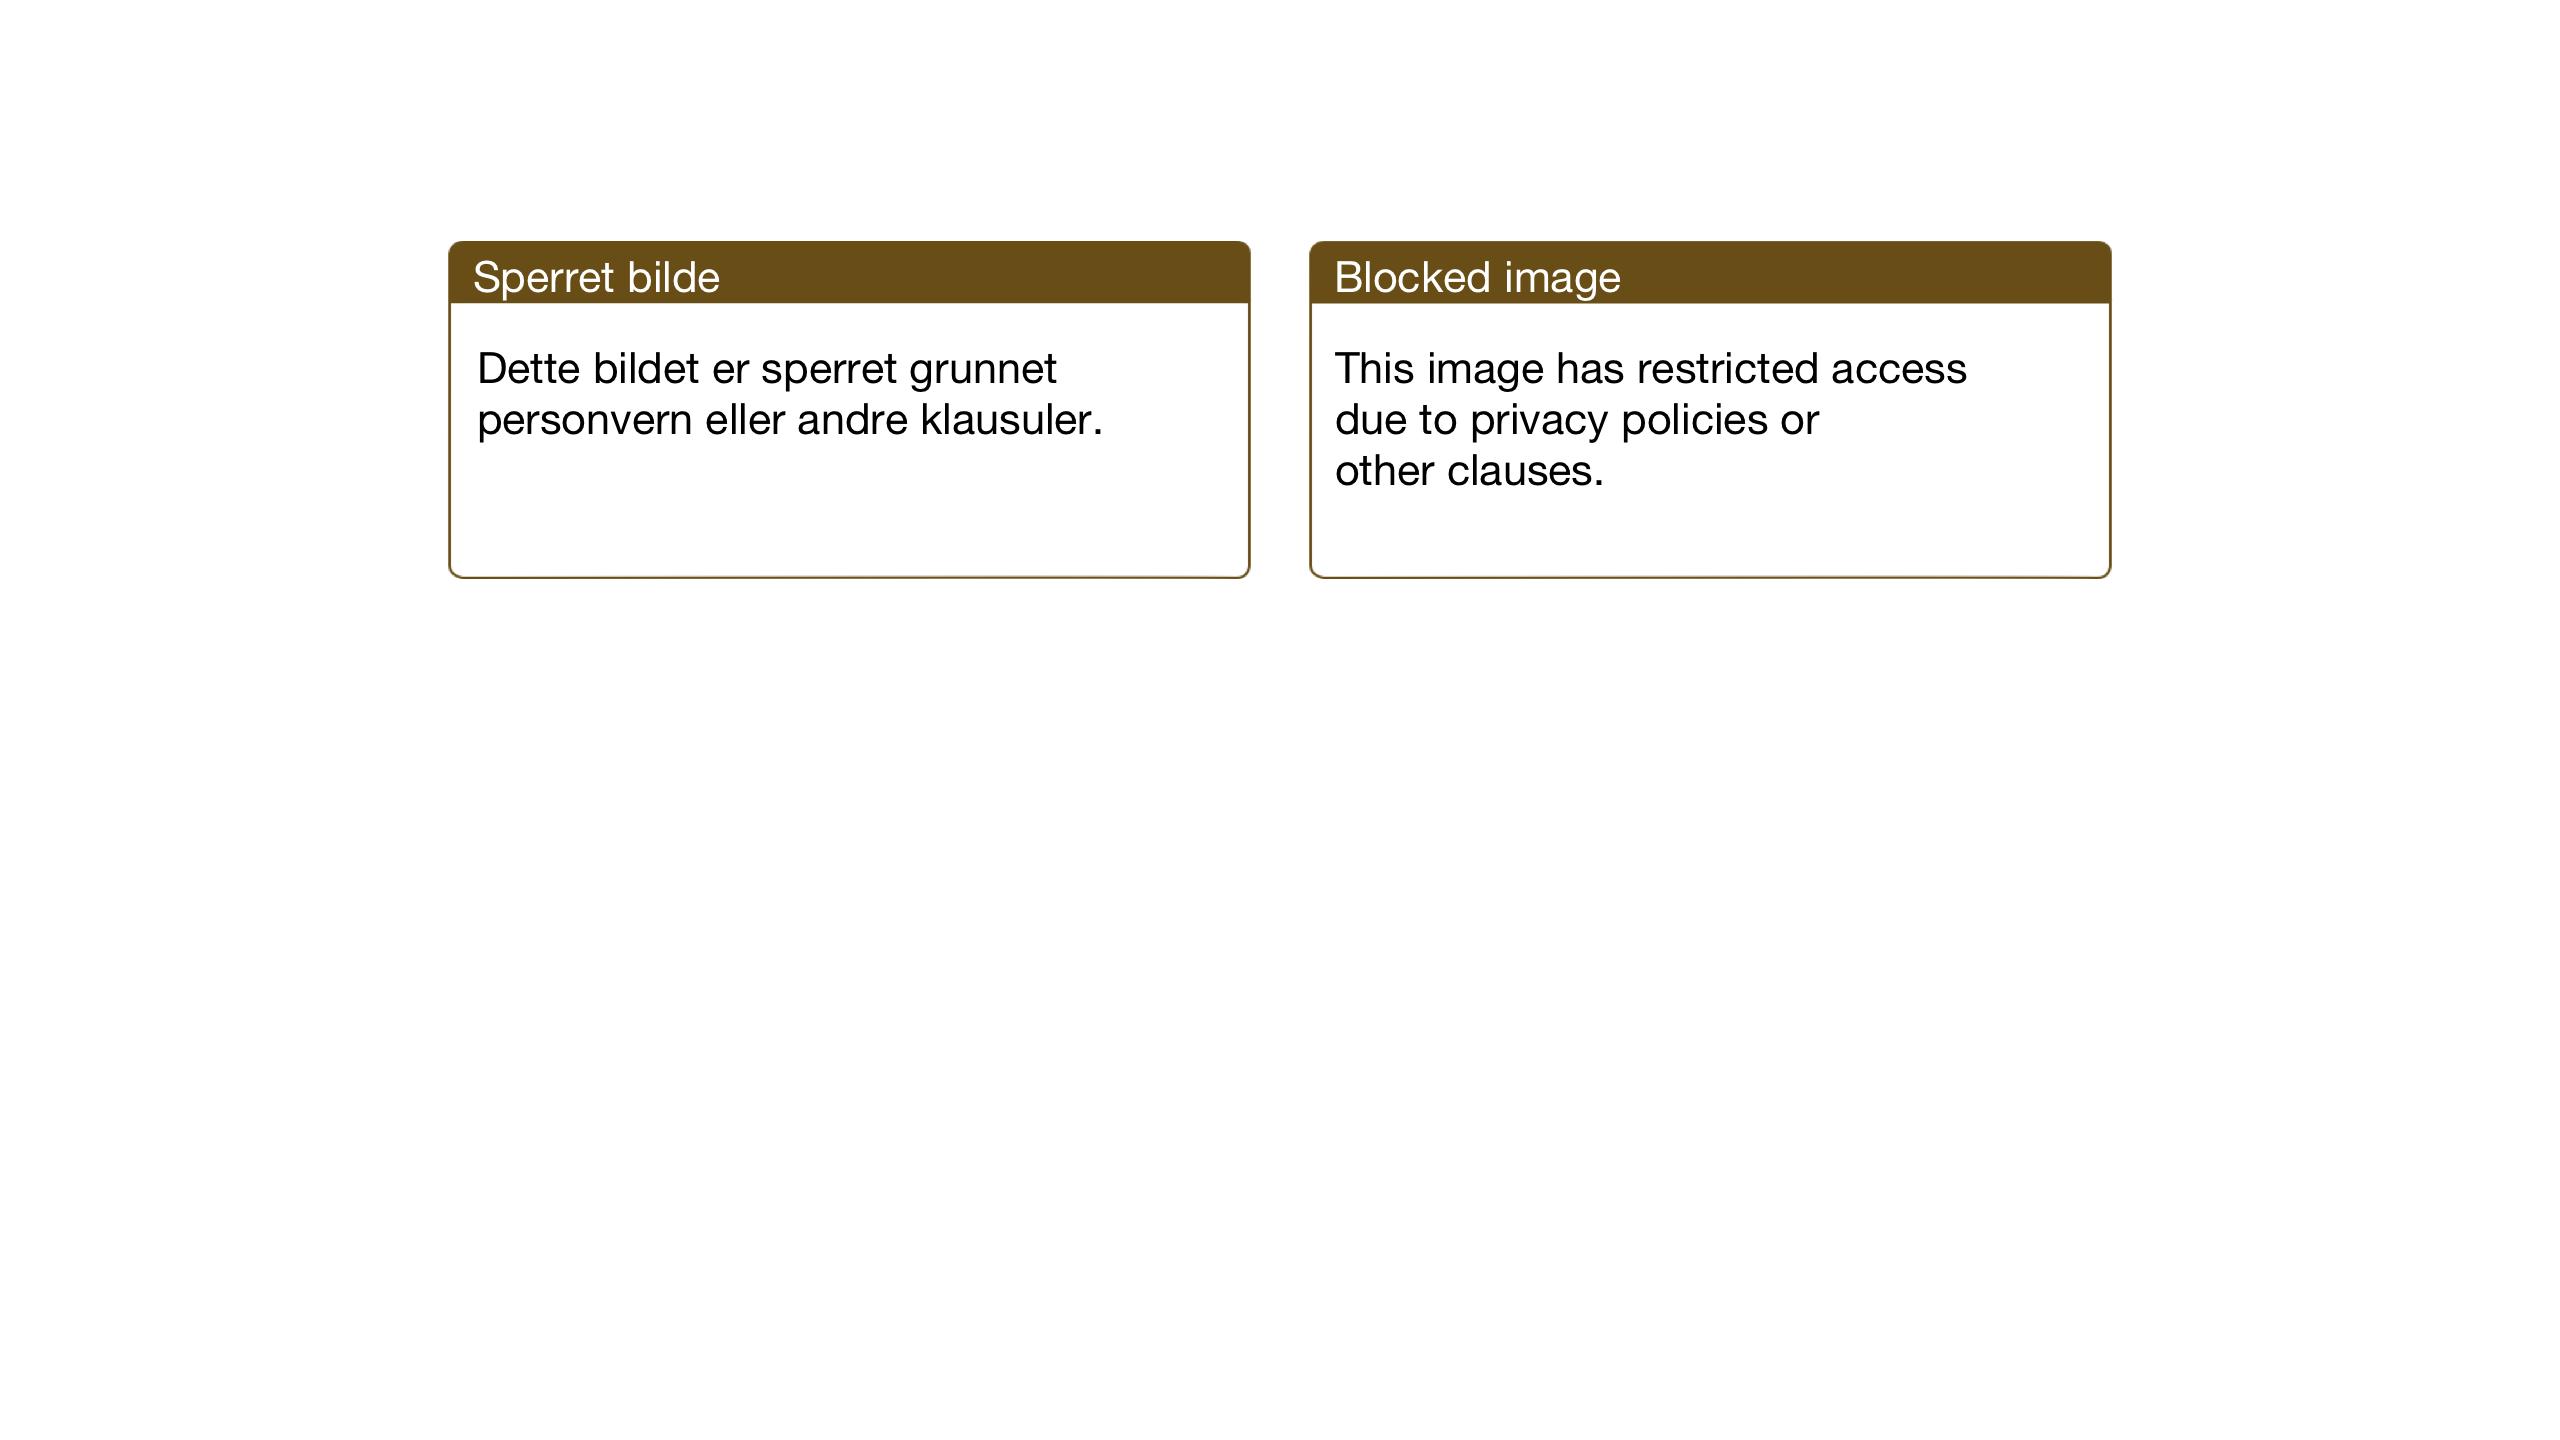 SAT, Ministerialprotokoller, klokkerbøker og fødselsregistre - Sør-Trøndelag, 681/L0943: Klokkerbok nr. 681C07, 1926-1954, s. 166